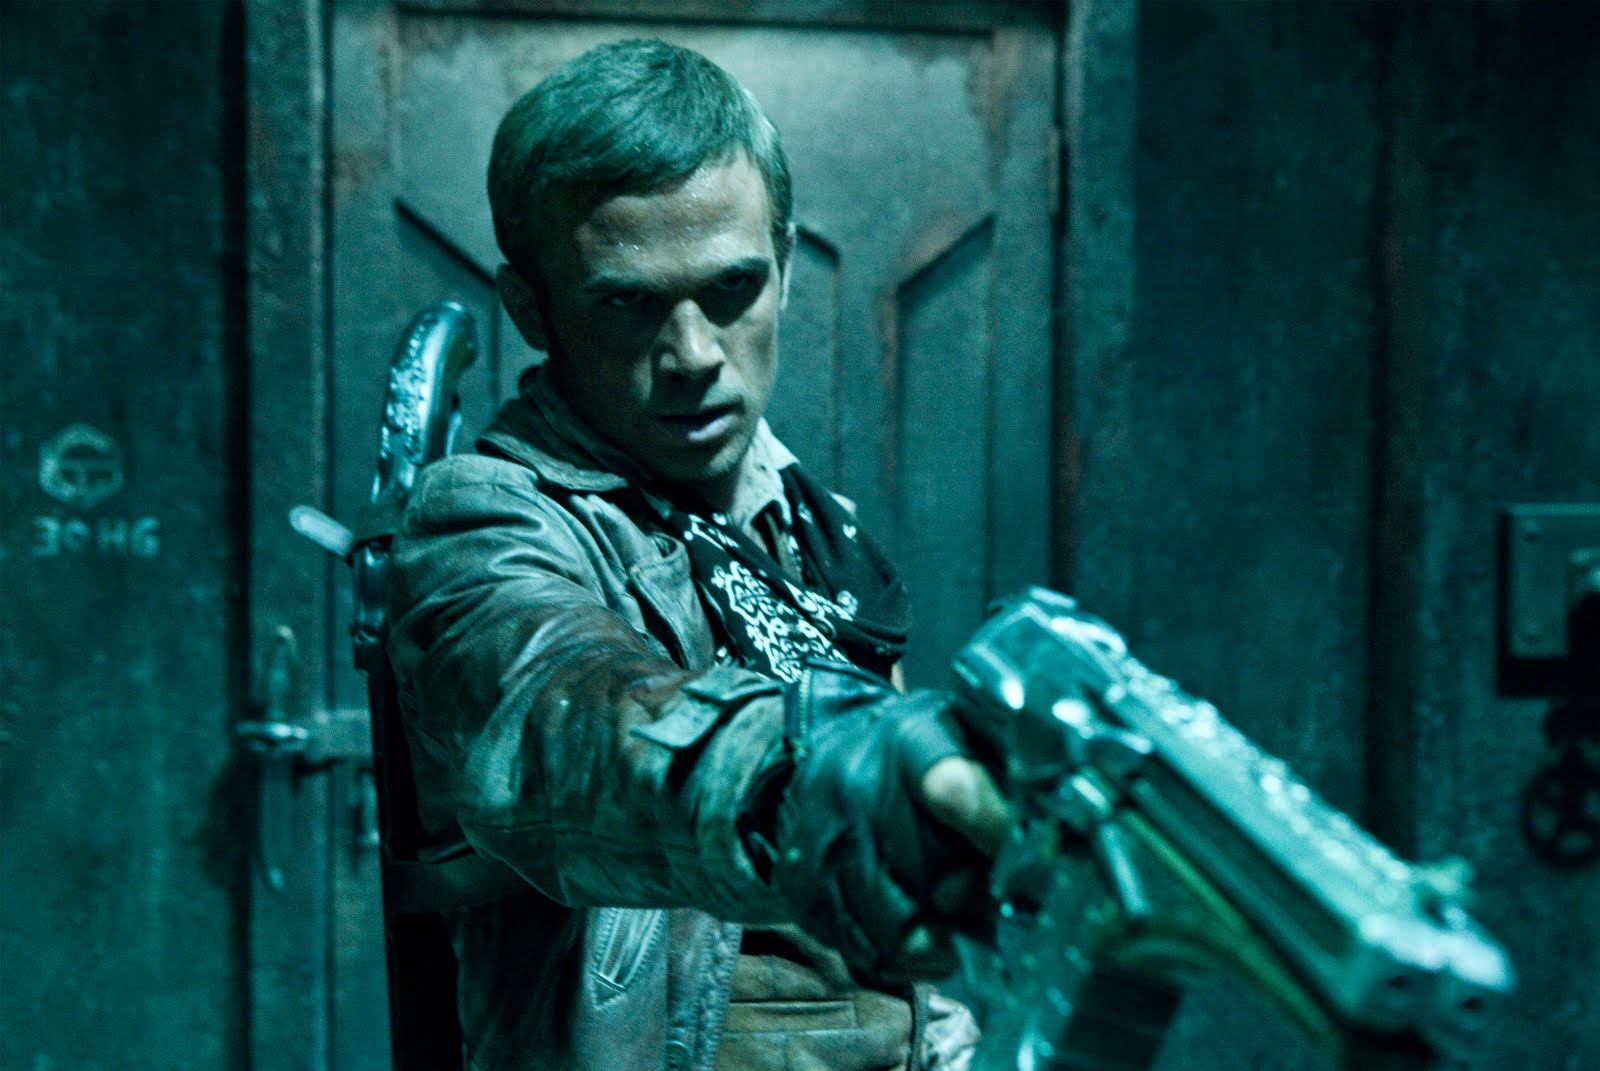 http://4.bp.blogspot.com/-cfWJeljJQ8w/TeOkGbJEJRI/AAAAAAAABBo/tlBvErooyfY/s1600/priest-movie-bigger-gun.jpg